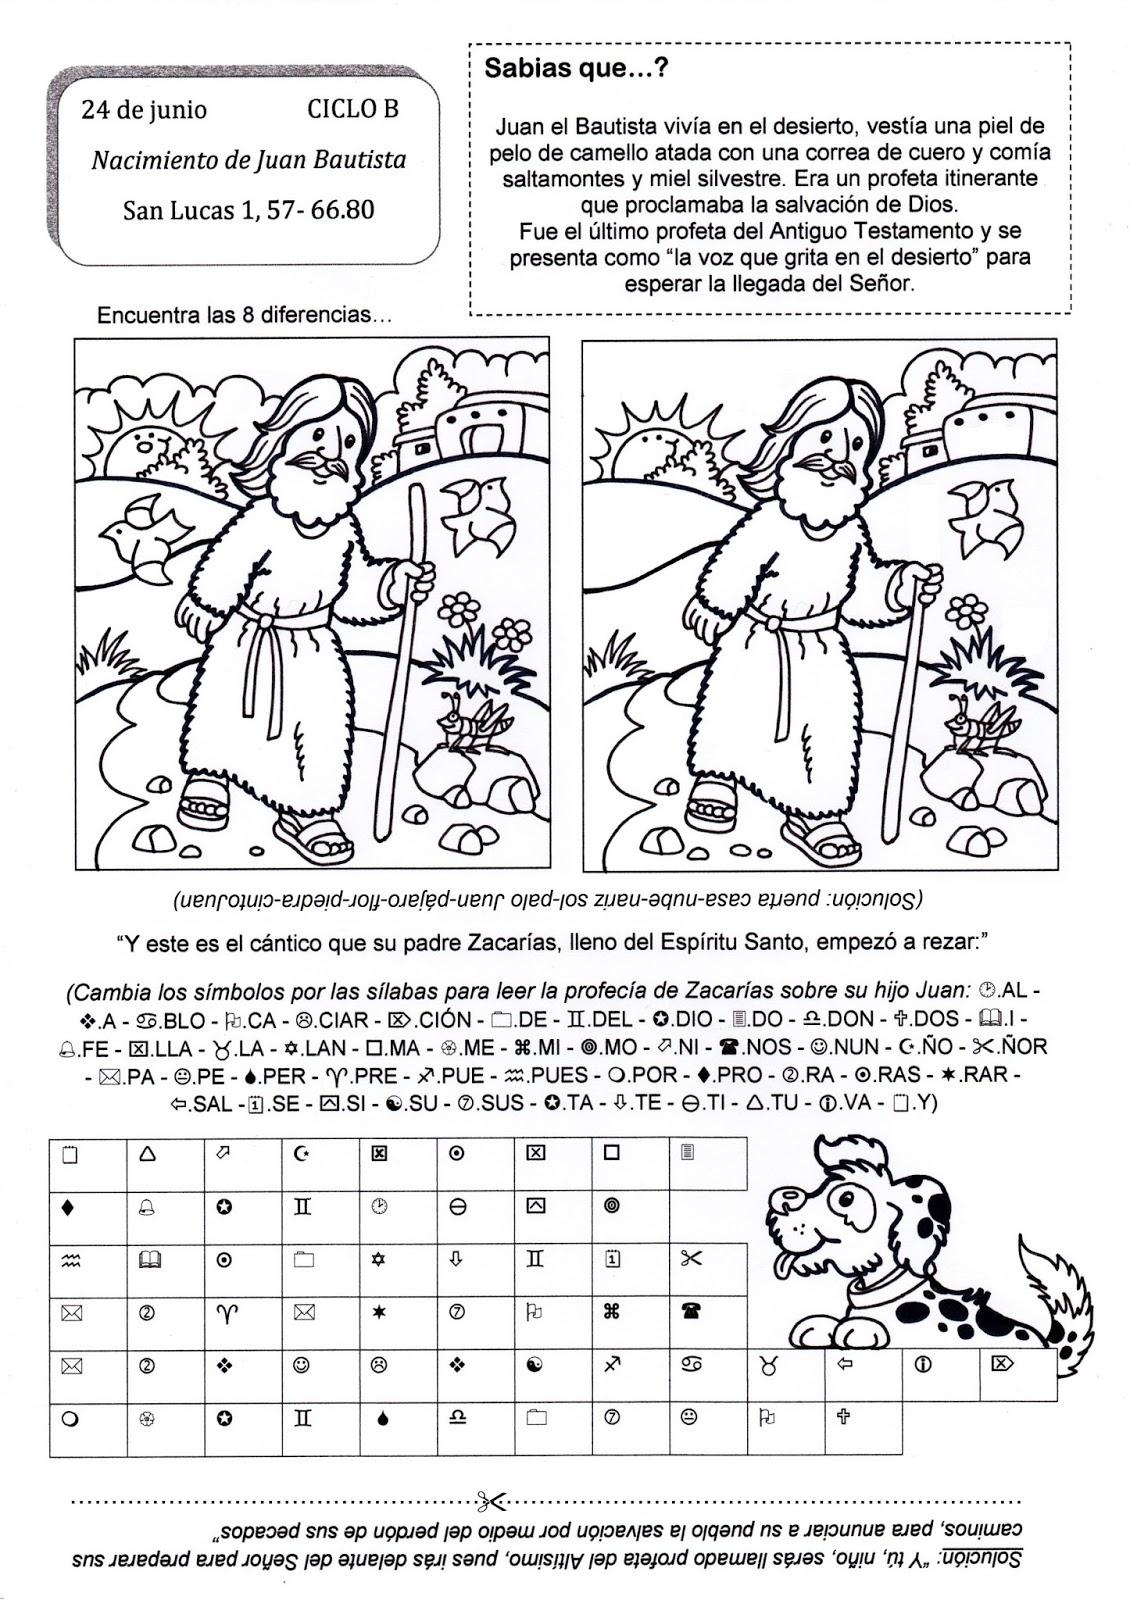 Educar Con Jesus Nacimiento S Juan Bautista Lc 1 57 66